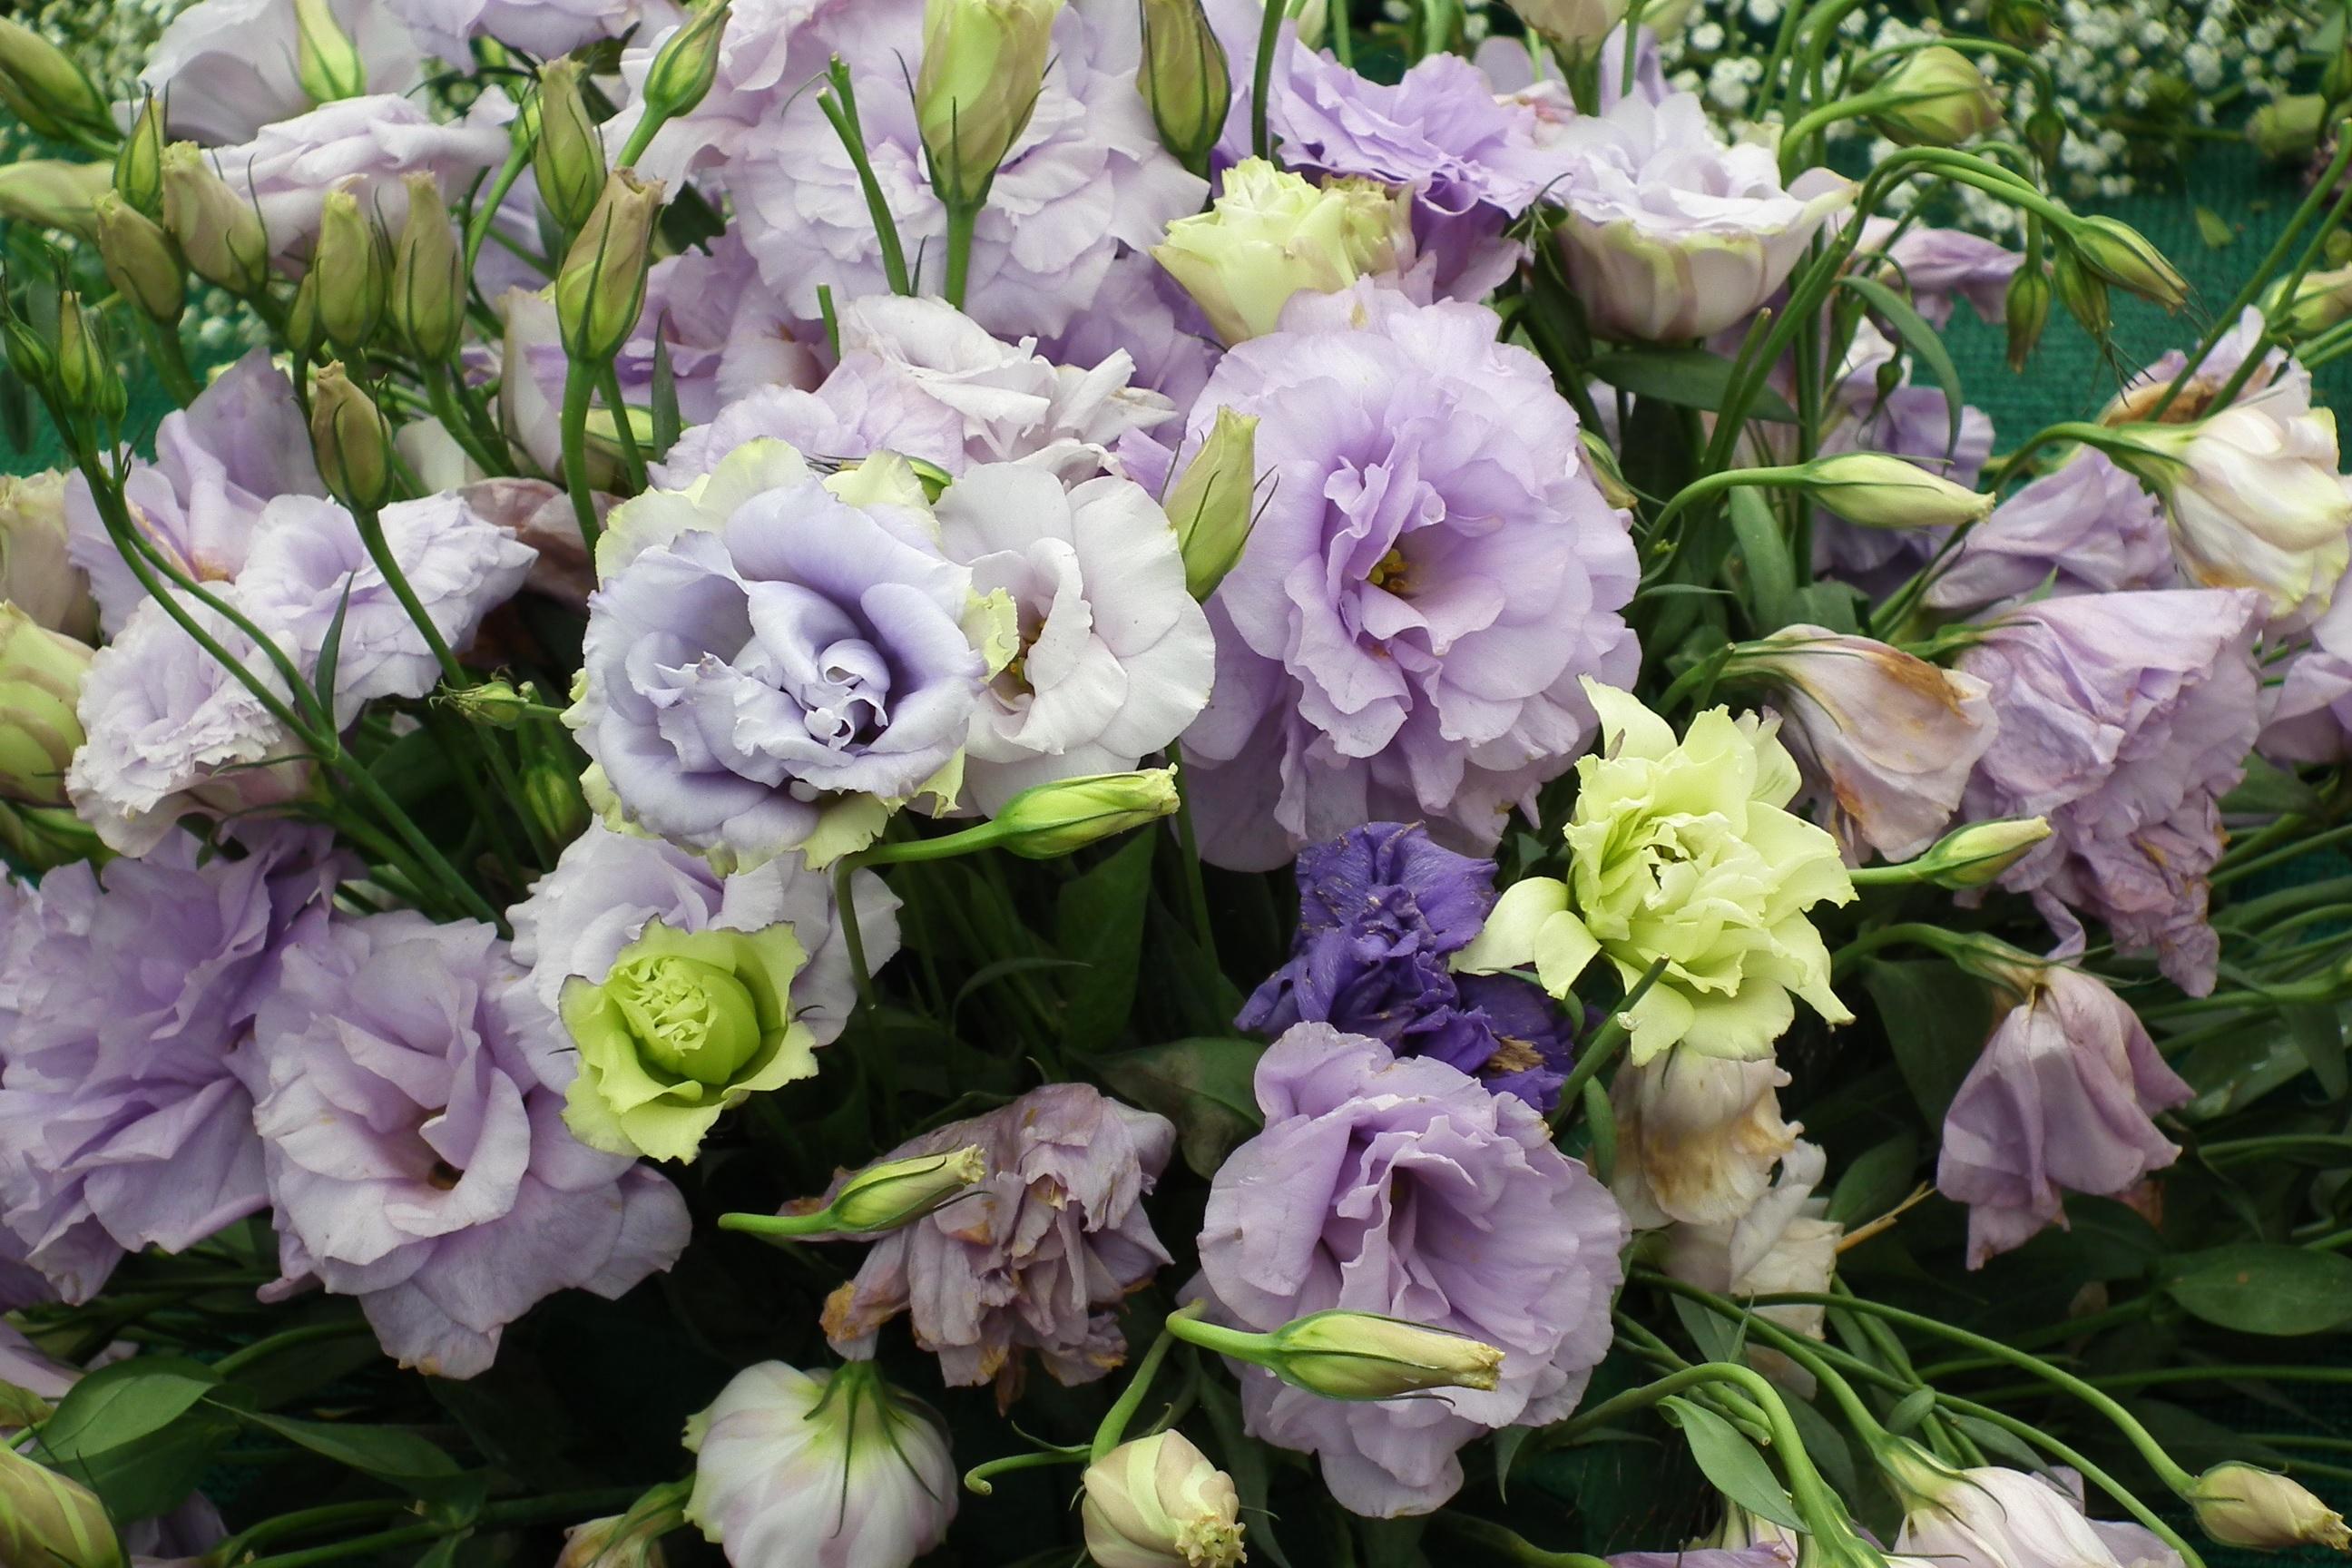 Букет разноцветных цветов лизиантуса